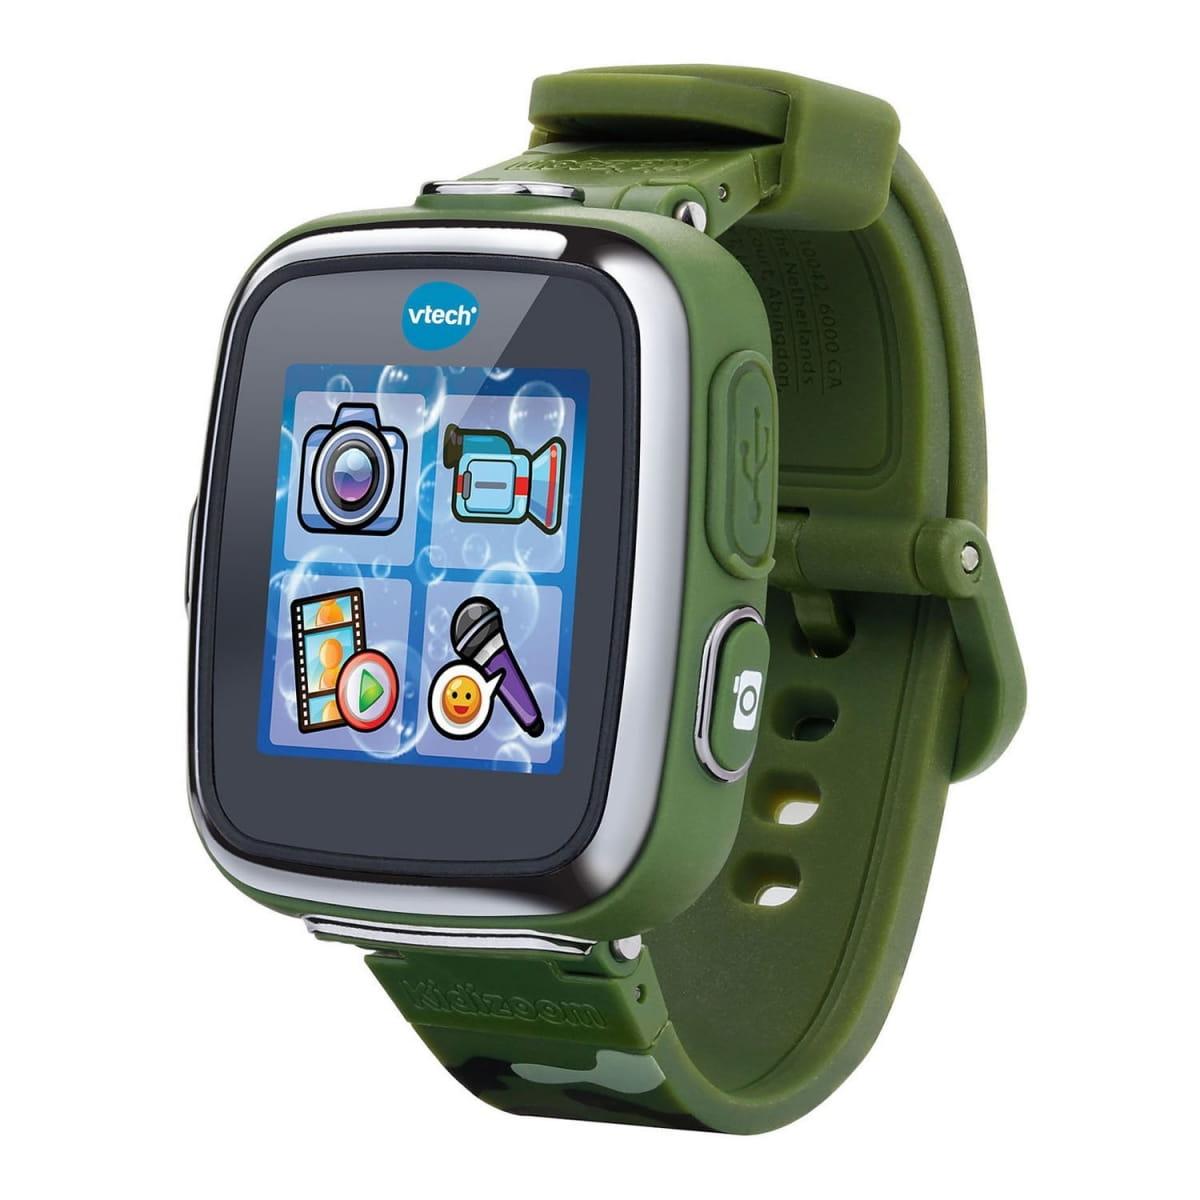 Цифровые часы VTECH Kidizoom SmartWatch DX  камуфляжные - Электроника для детей